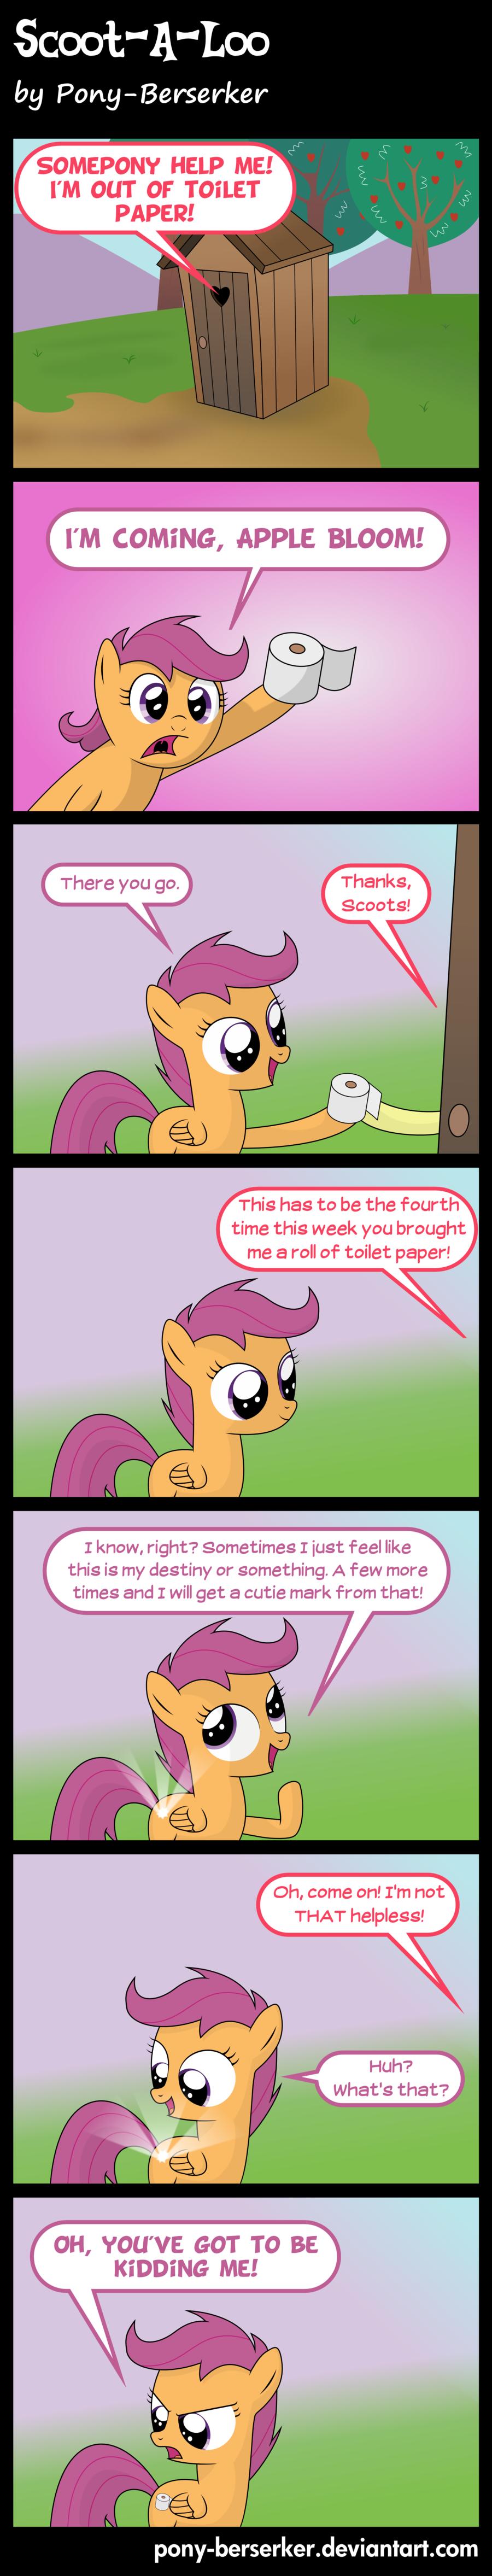 Scoot-A-Loo by ~Pony-Berserker. .